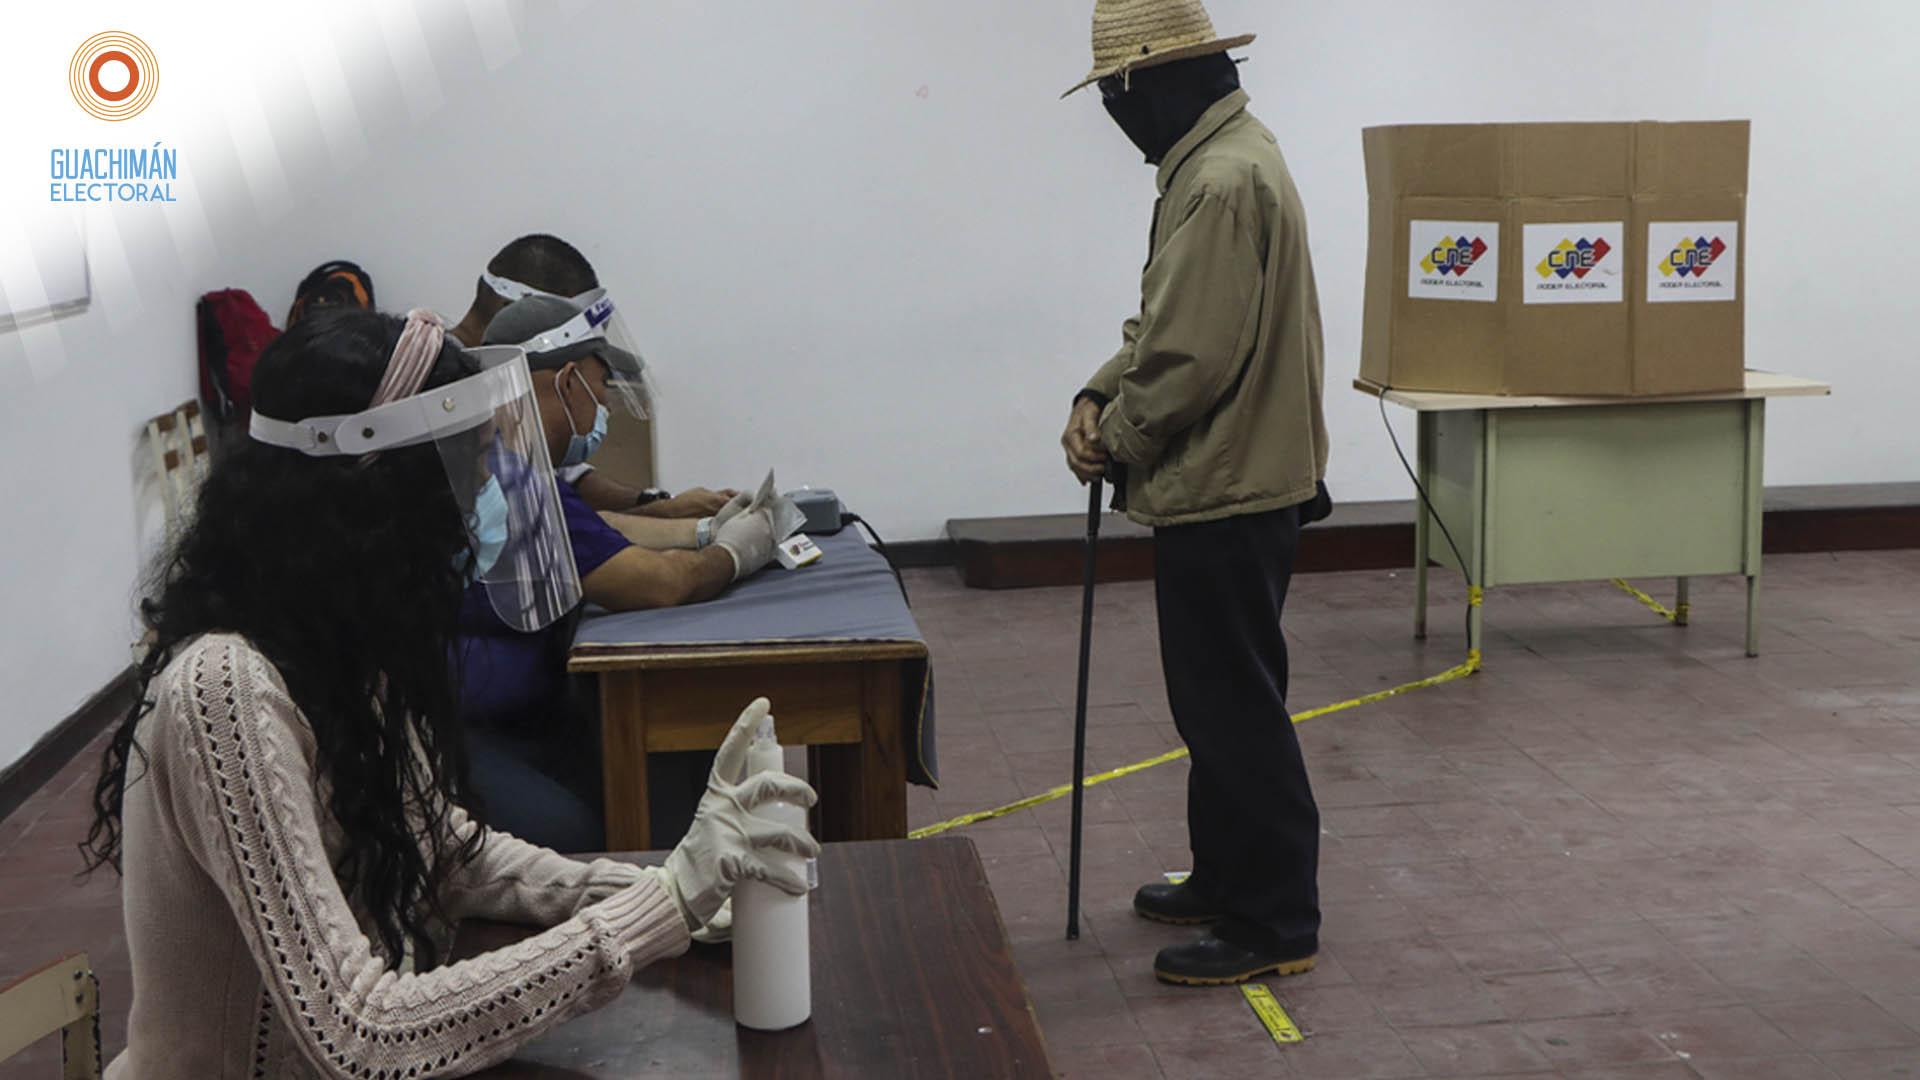 #GuachimánElectoral | Indígenas, mujeres y migrantes: tres grupos afectados por el nuevo esquema electoral